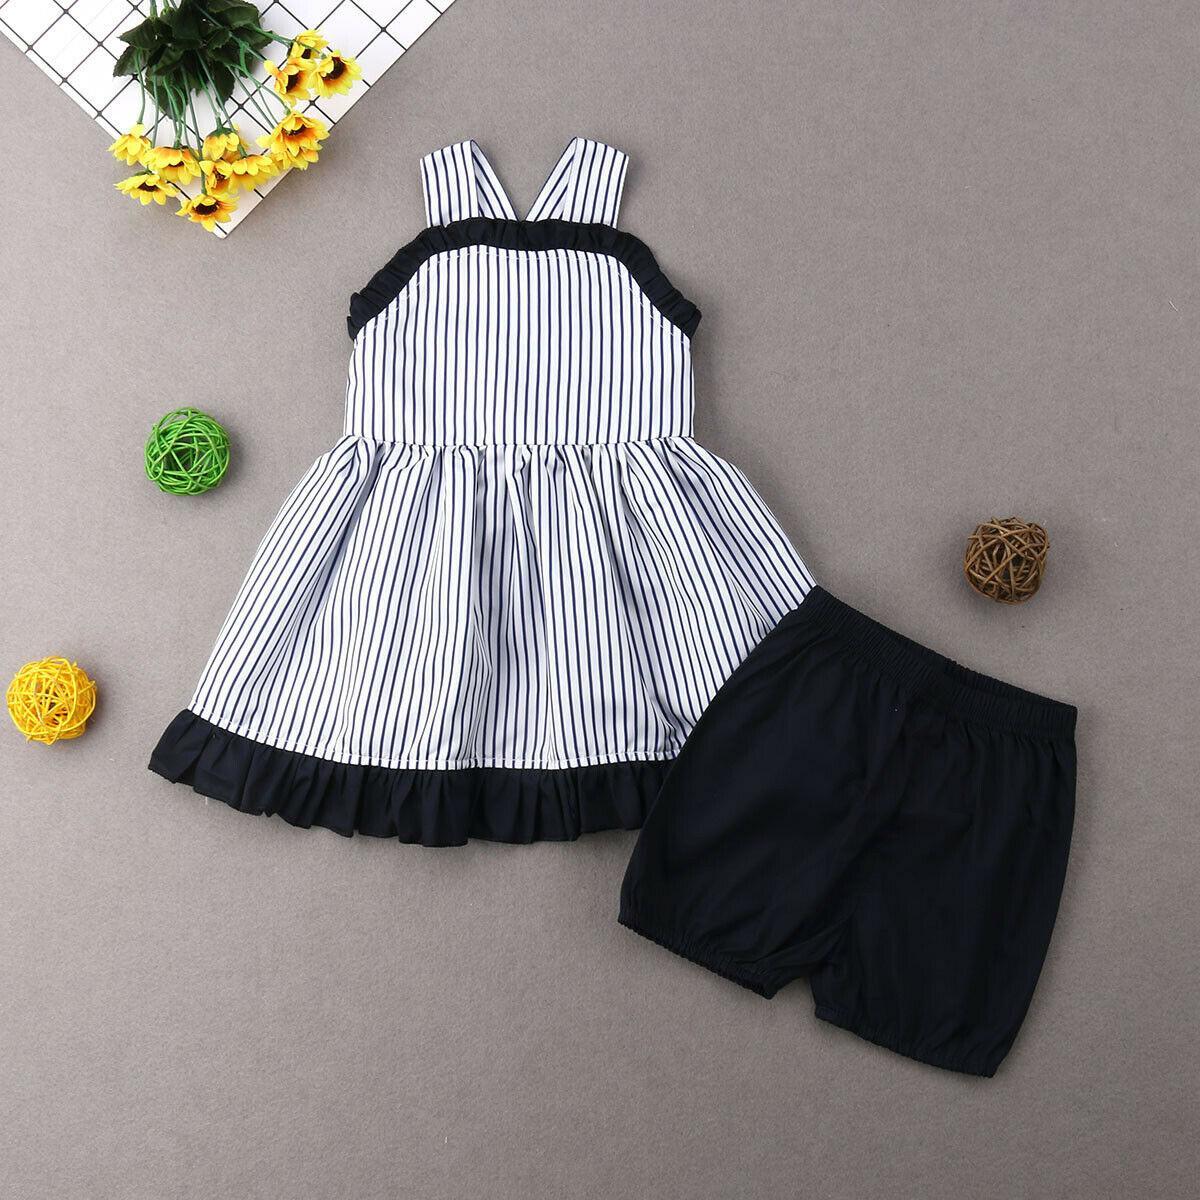 Emmababy 2шт 2019 летняя одежда для девочек комплект одежды для платья полосатые топы платье + короткие брюки темно-синие шорты милый набор